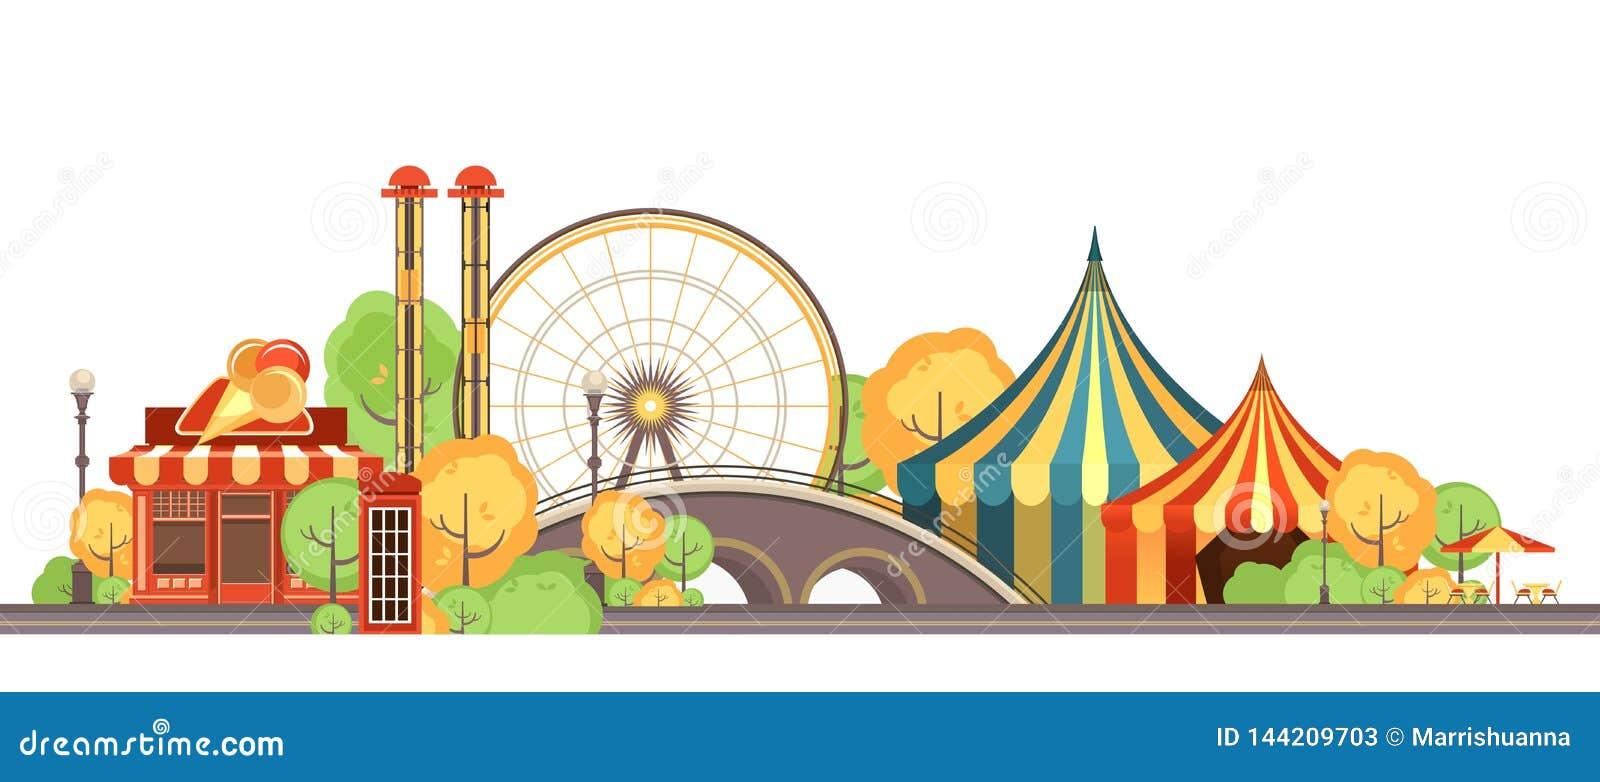 Karnevals-Stadt-Park